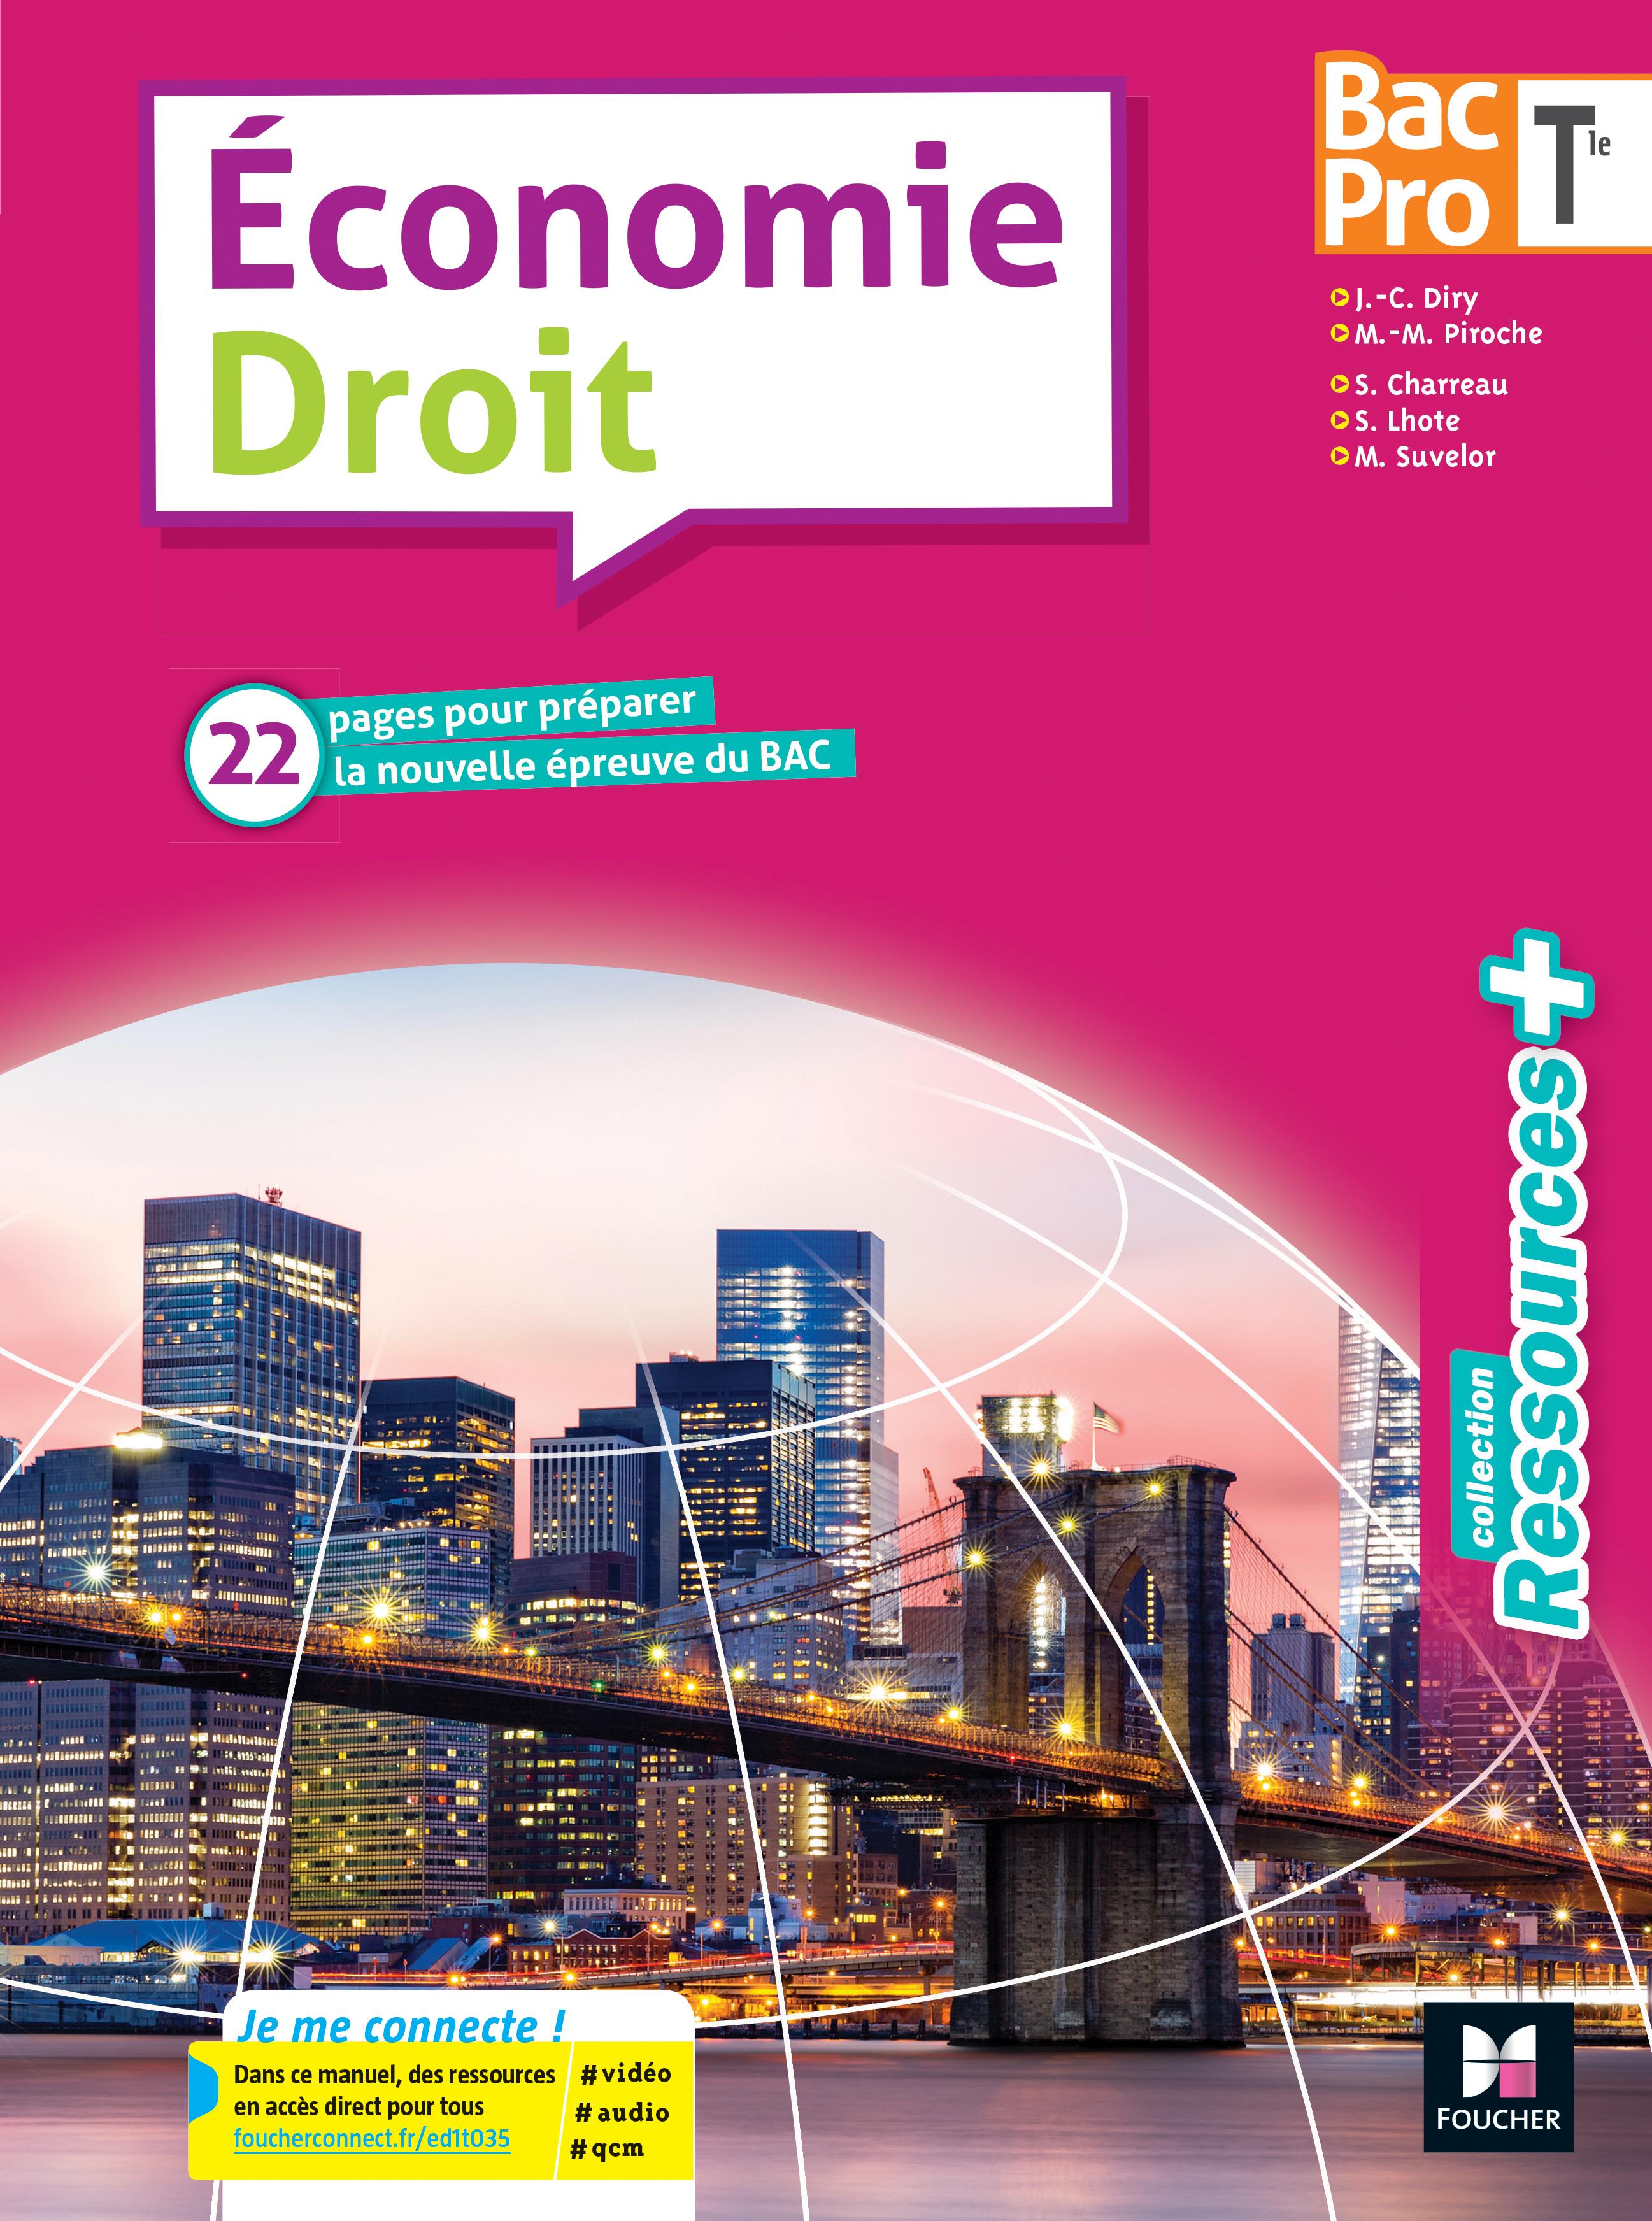 p.28_eco-droit_tle.jpg